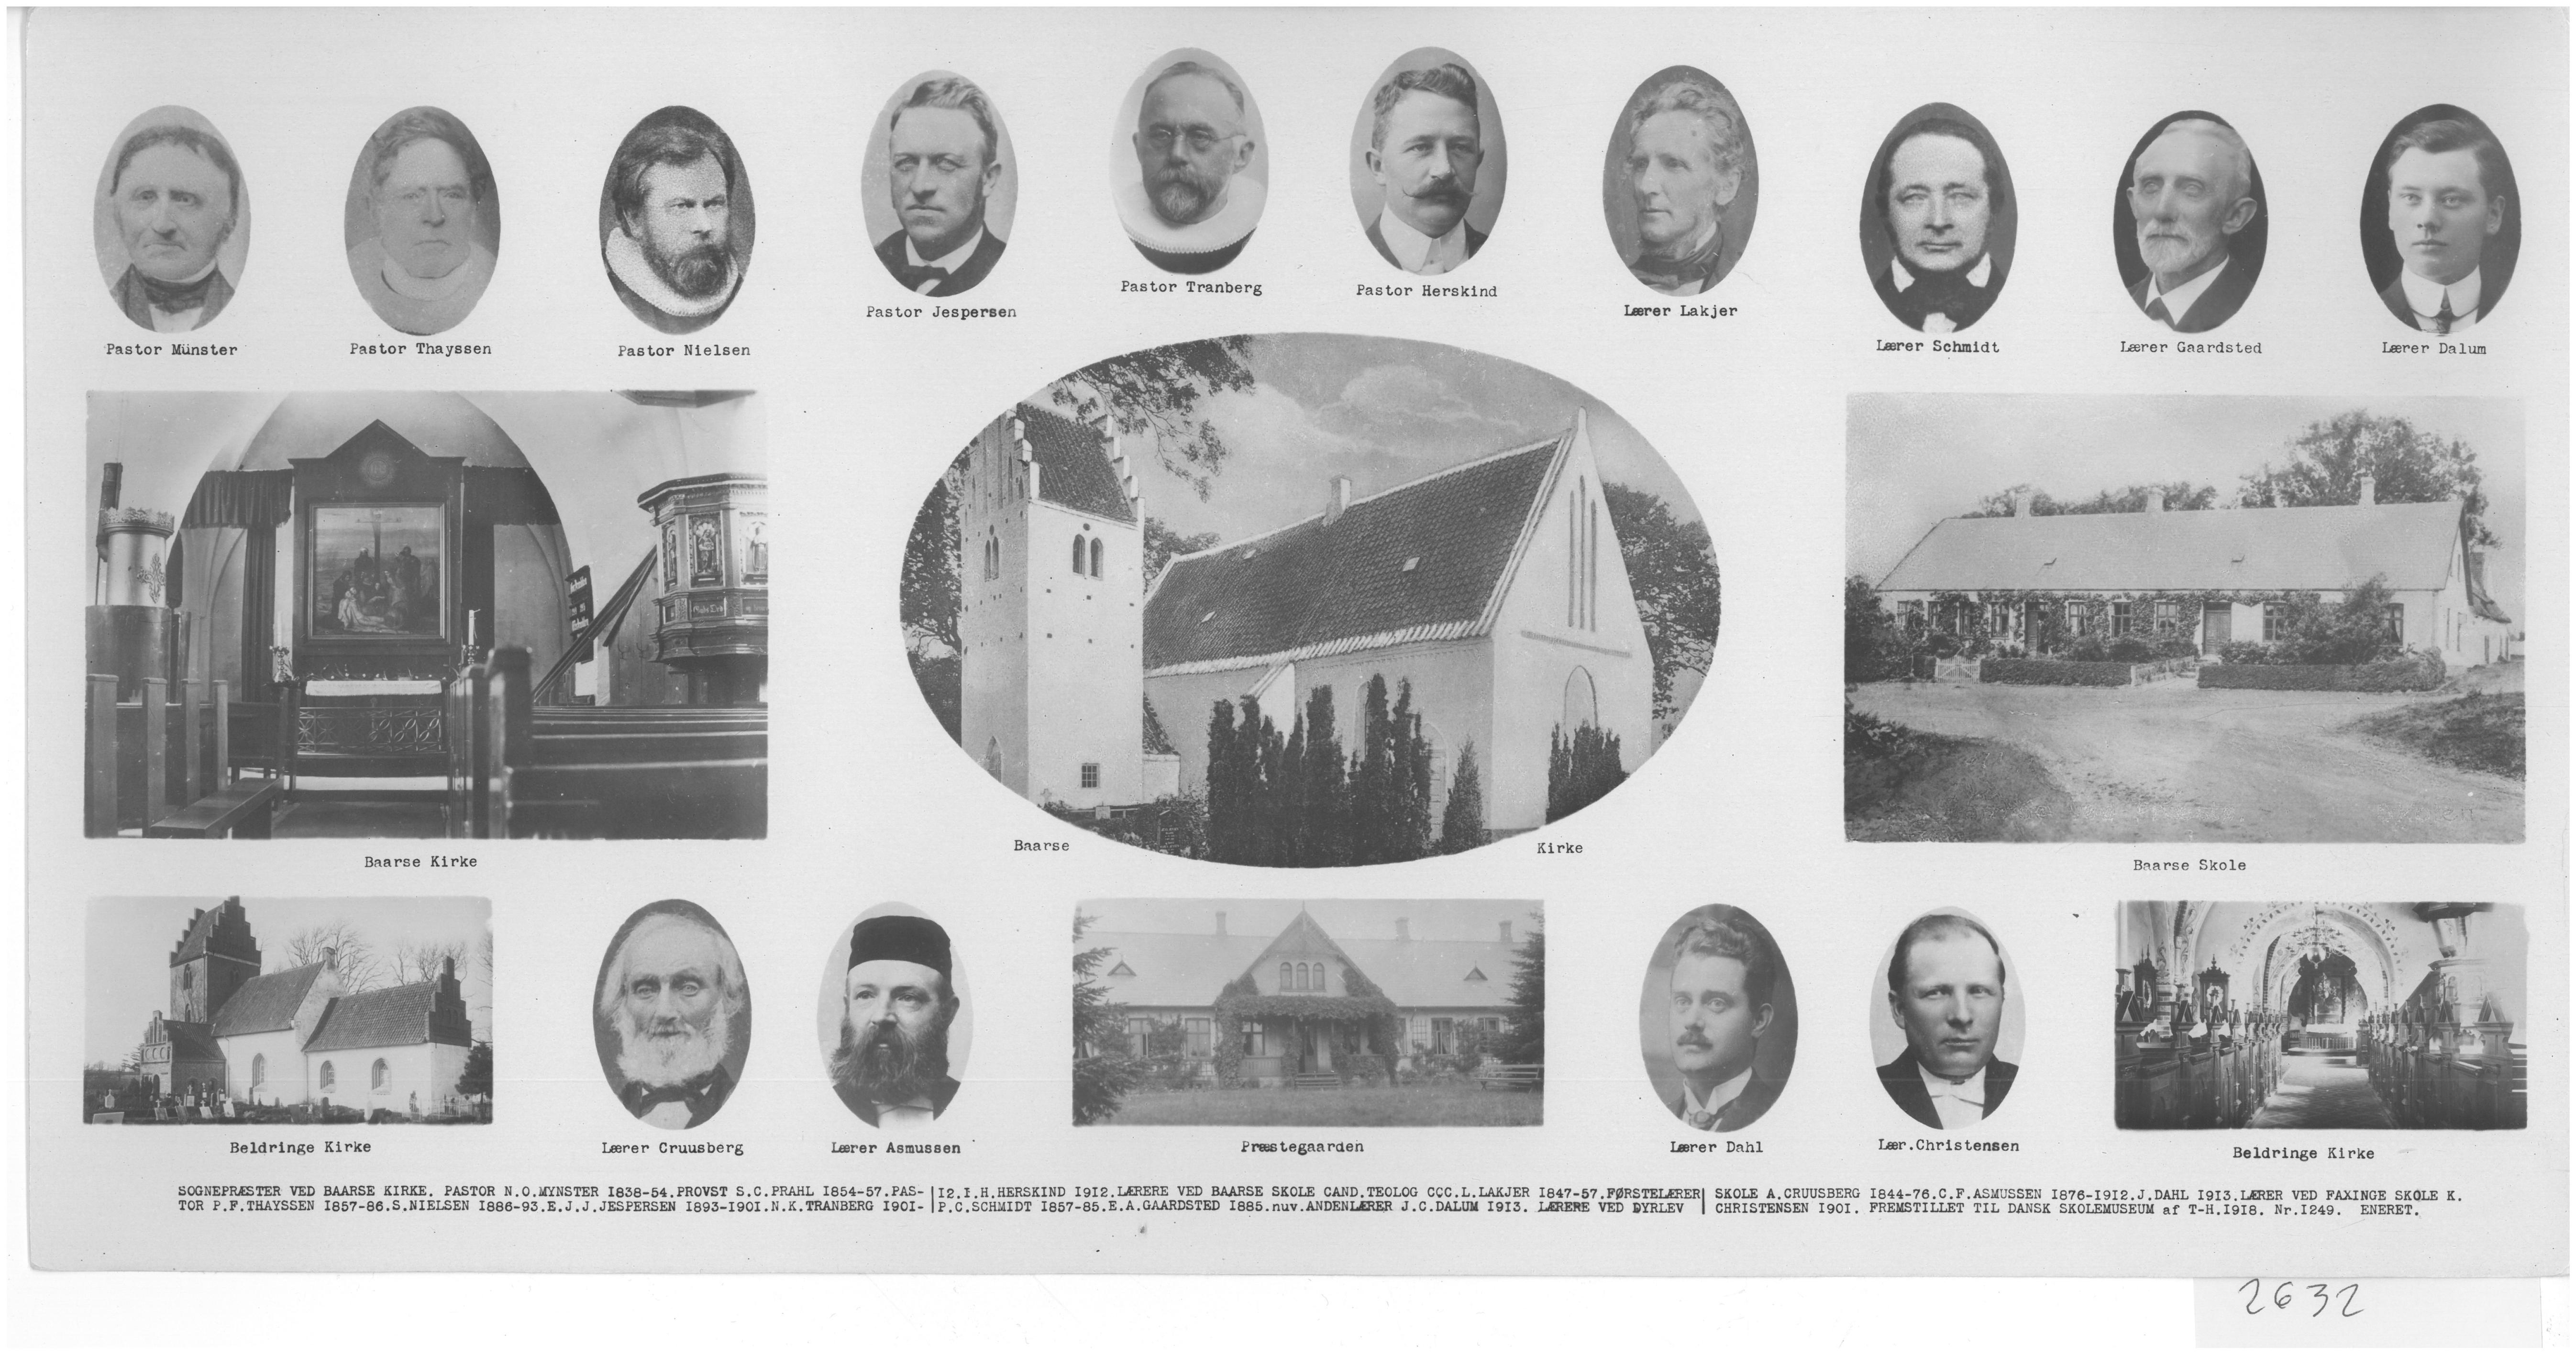 lille grandløse kirke